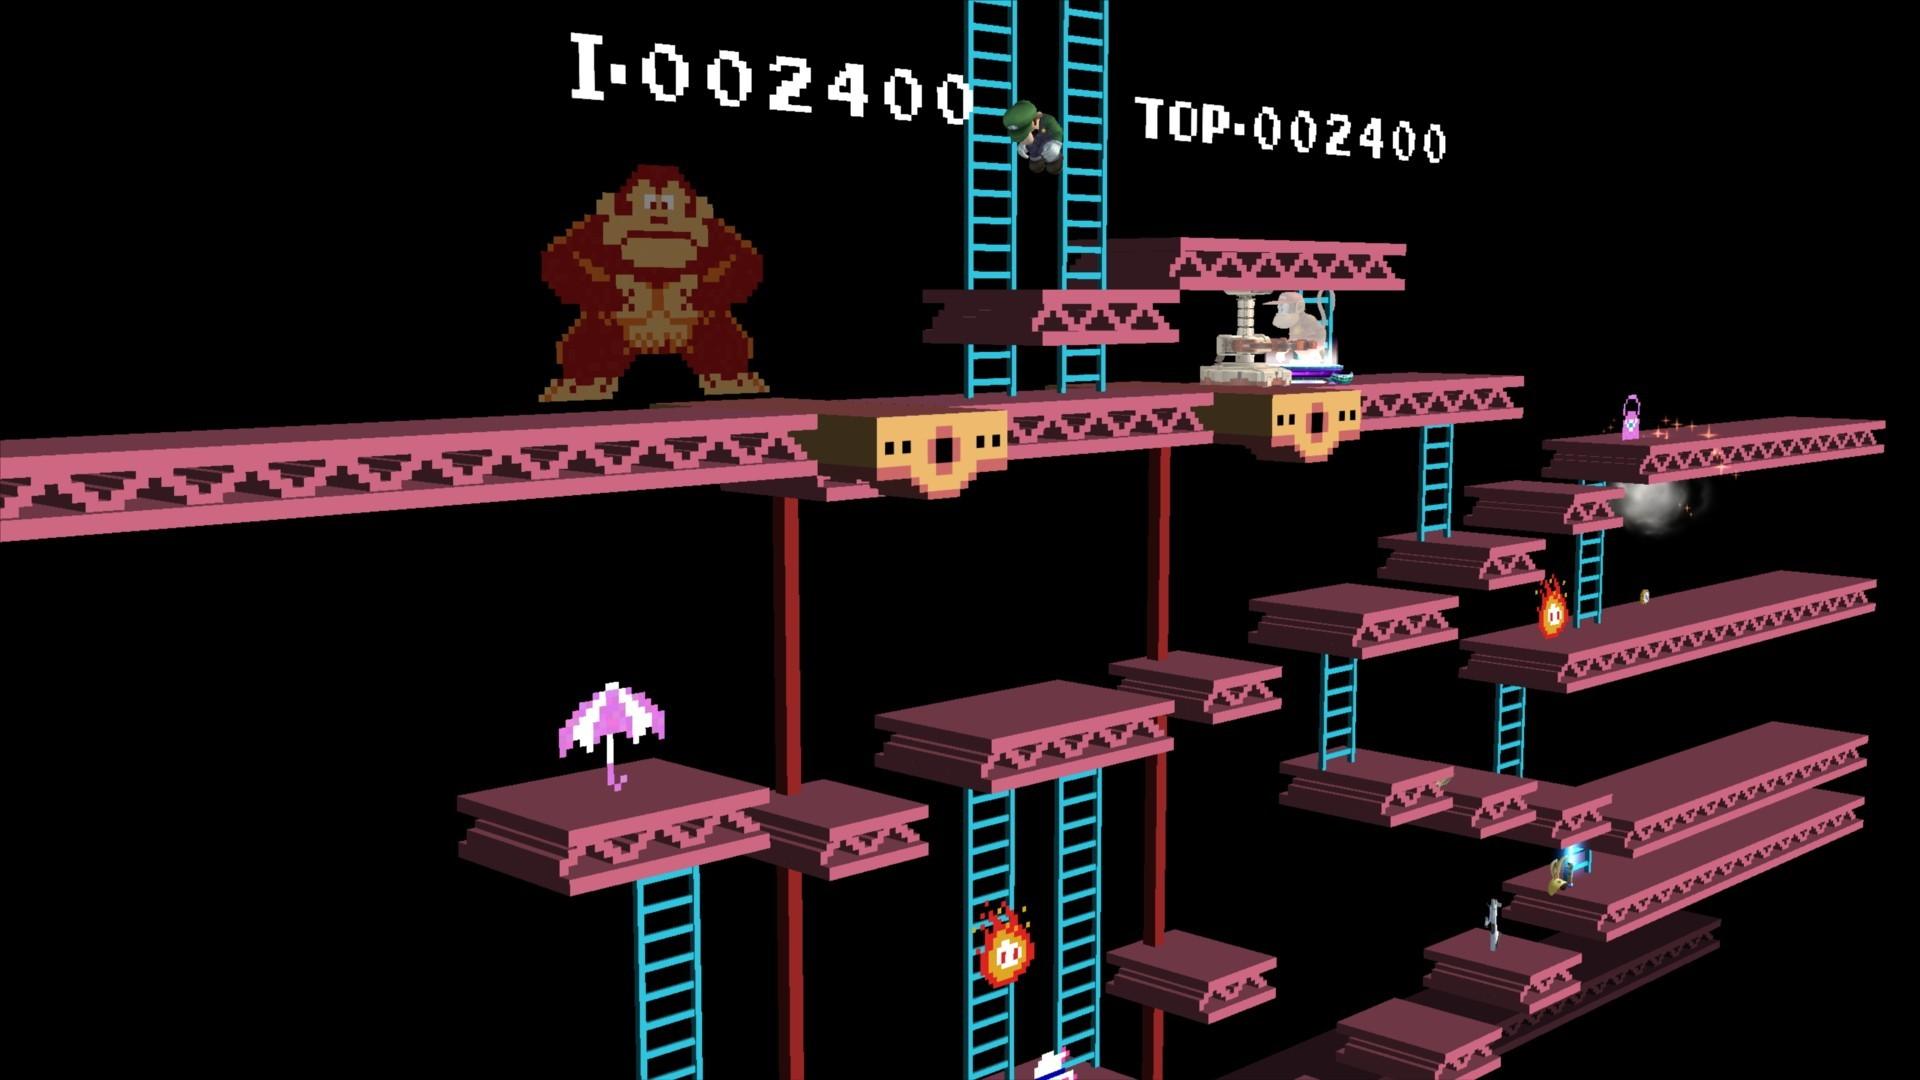 Donkey Kong Wallpapers | Just Good Vibe